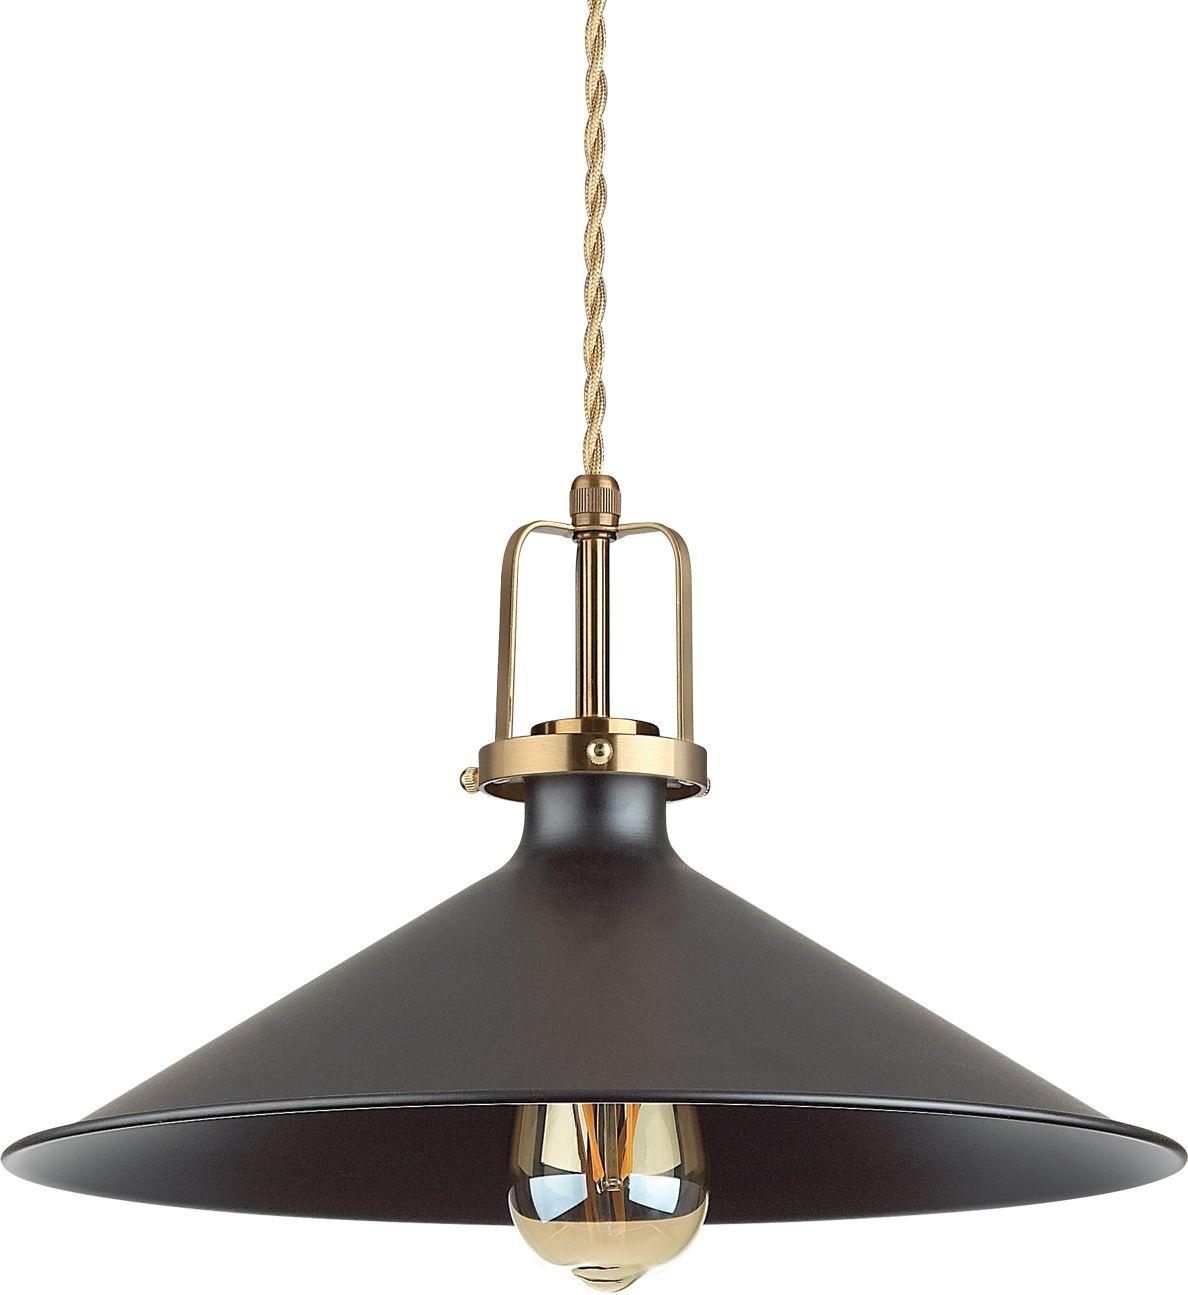 Lampa wisząca Eris 249087 Ideal Lux klasyczna oprawa w kolorze czarnym